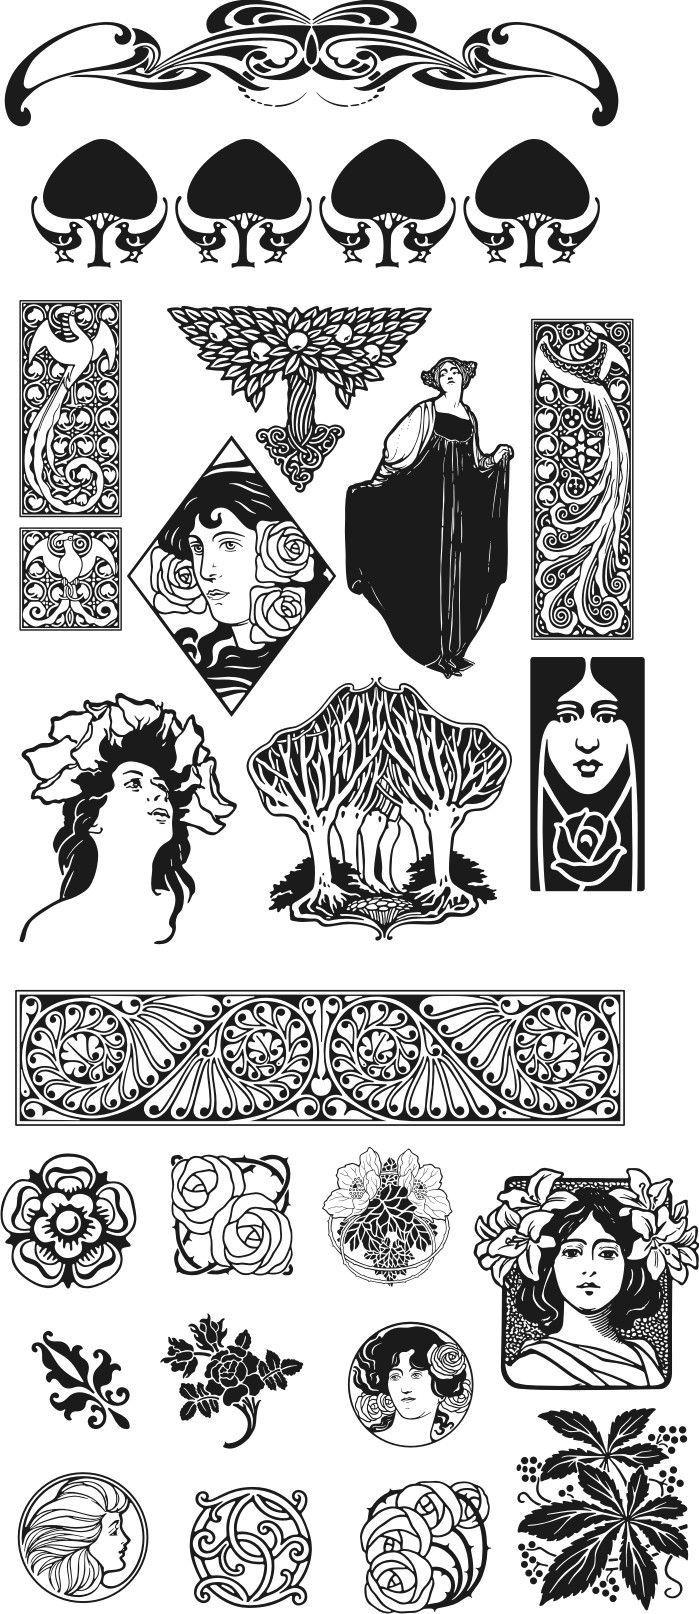 art nouveau Decorative Elements, ornaments